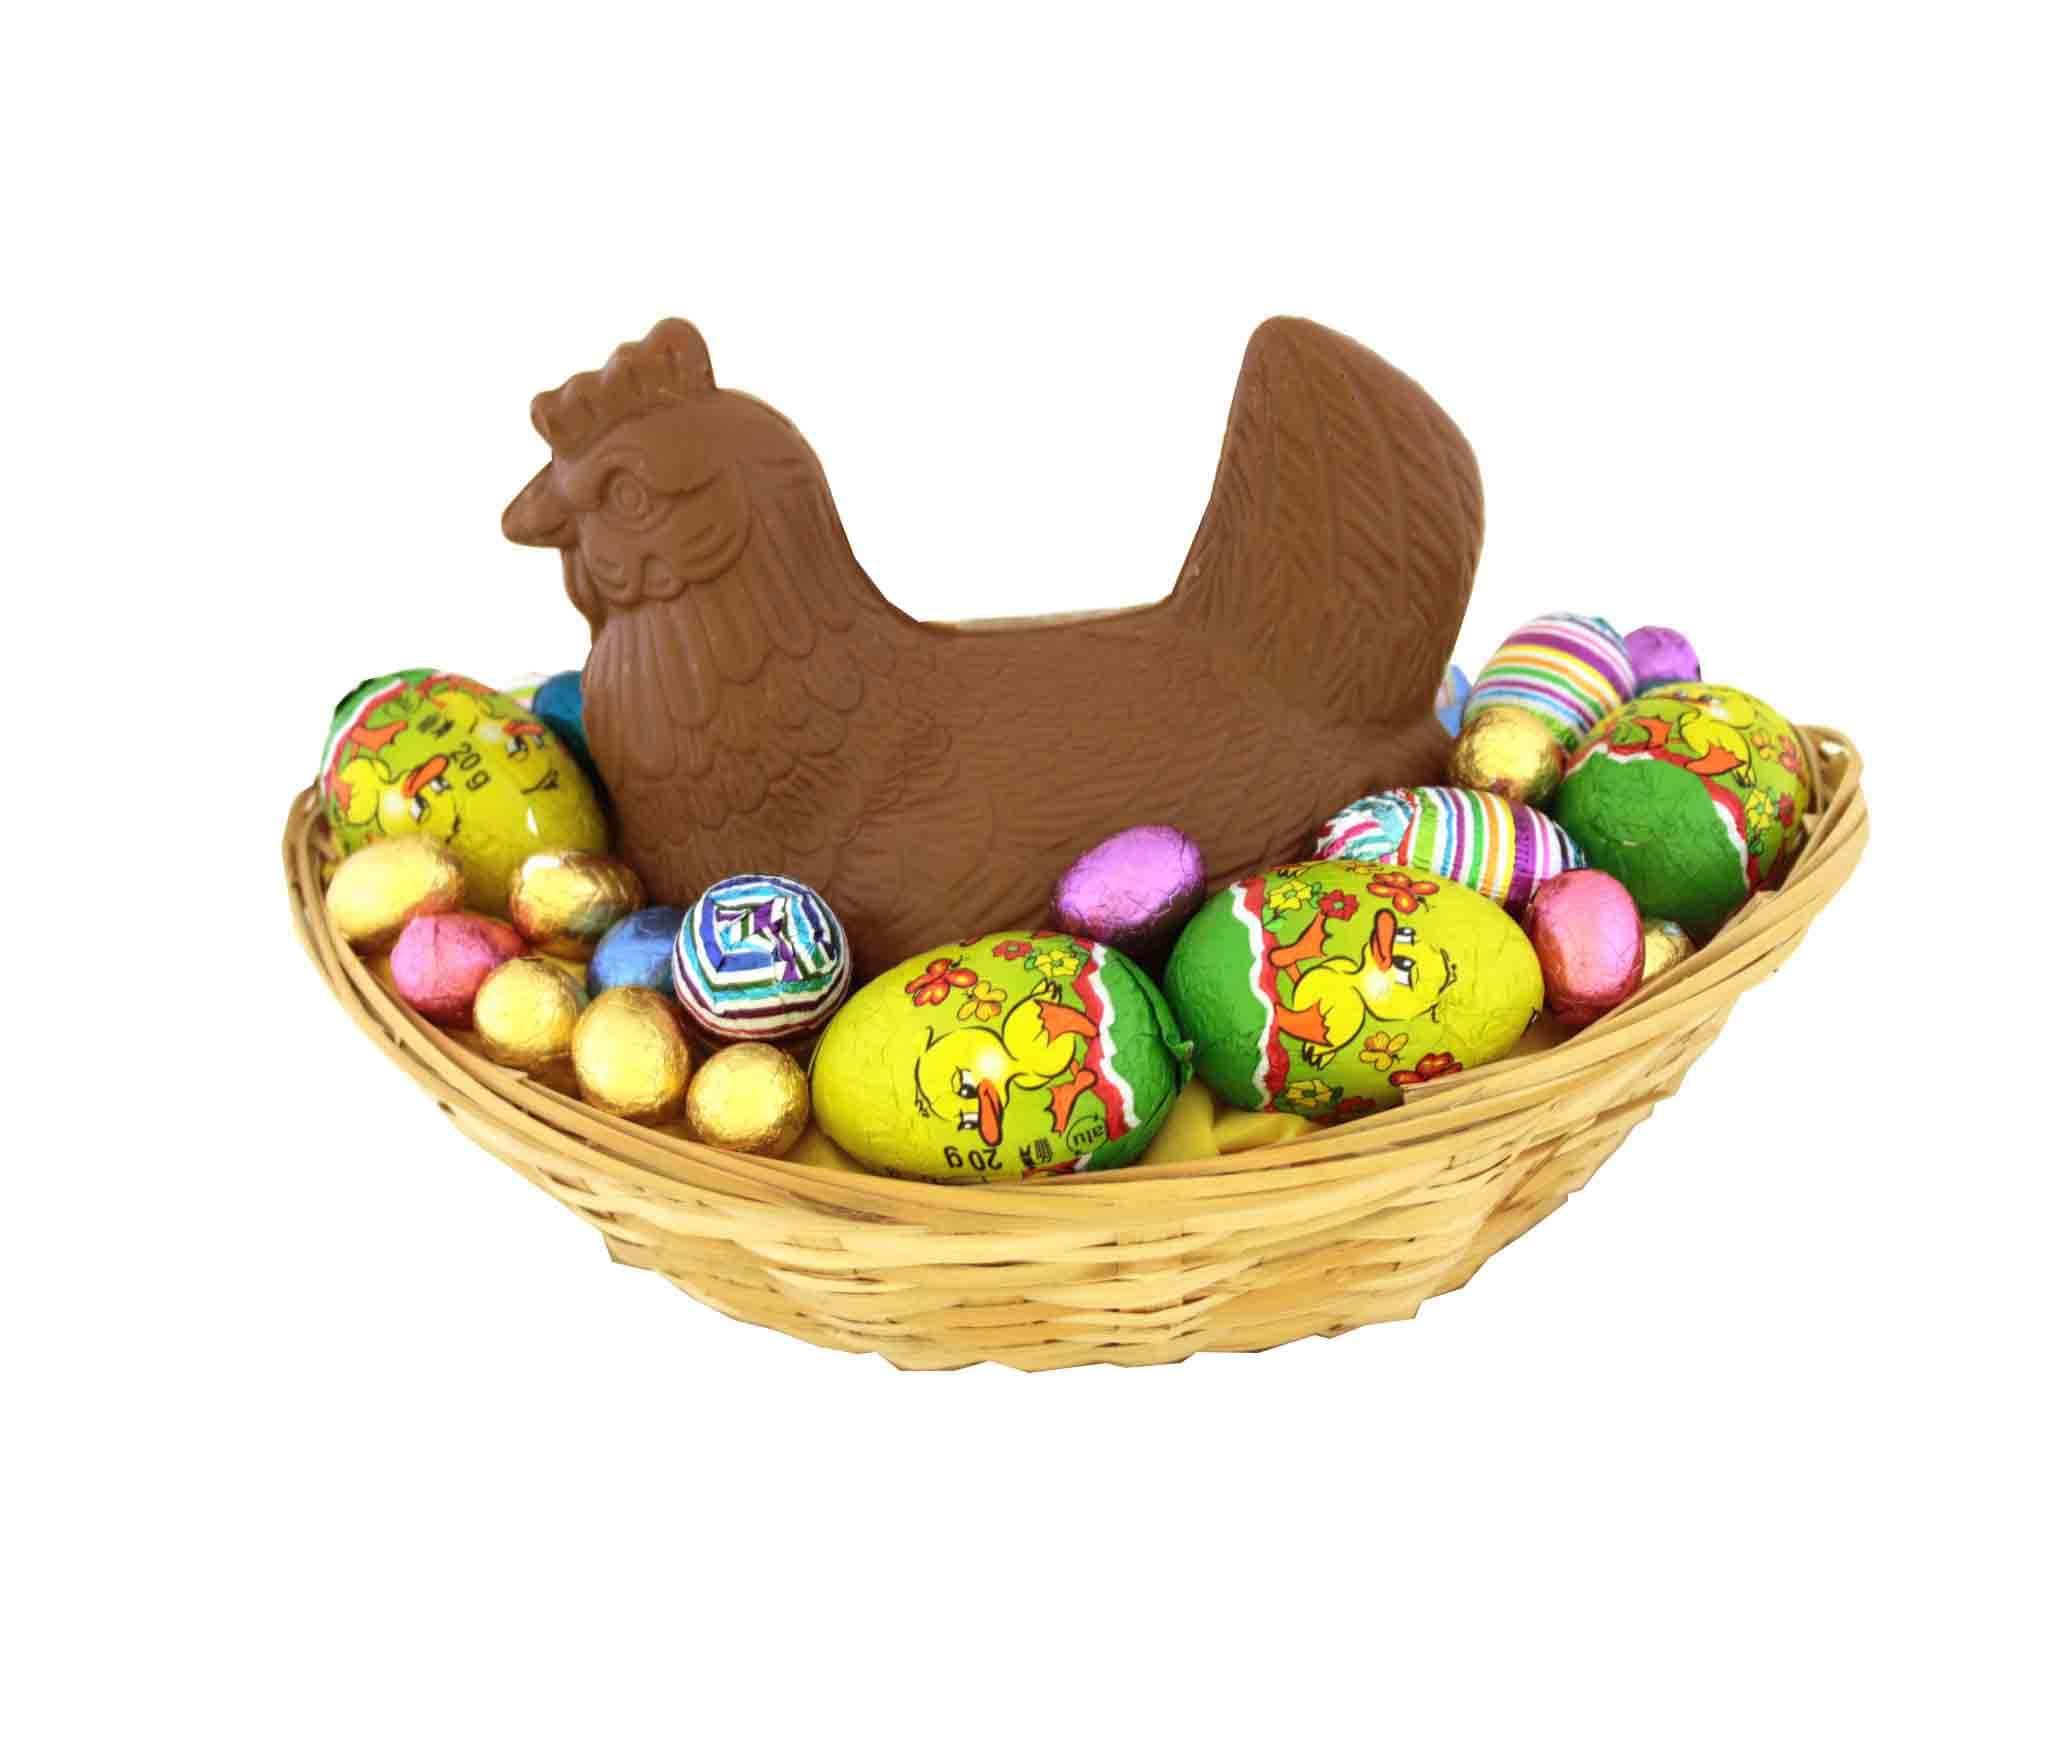 Kip Op Mand Groot Chocolade Geschenkennl